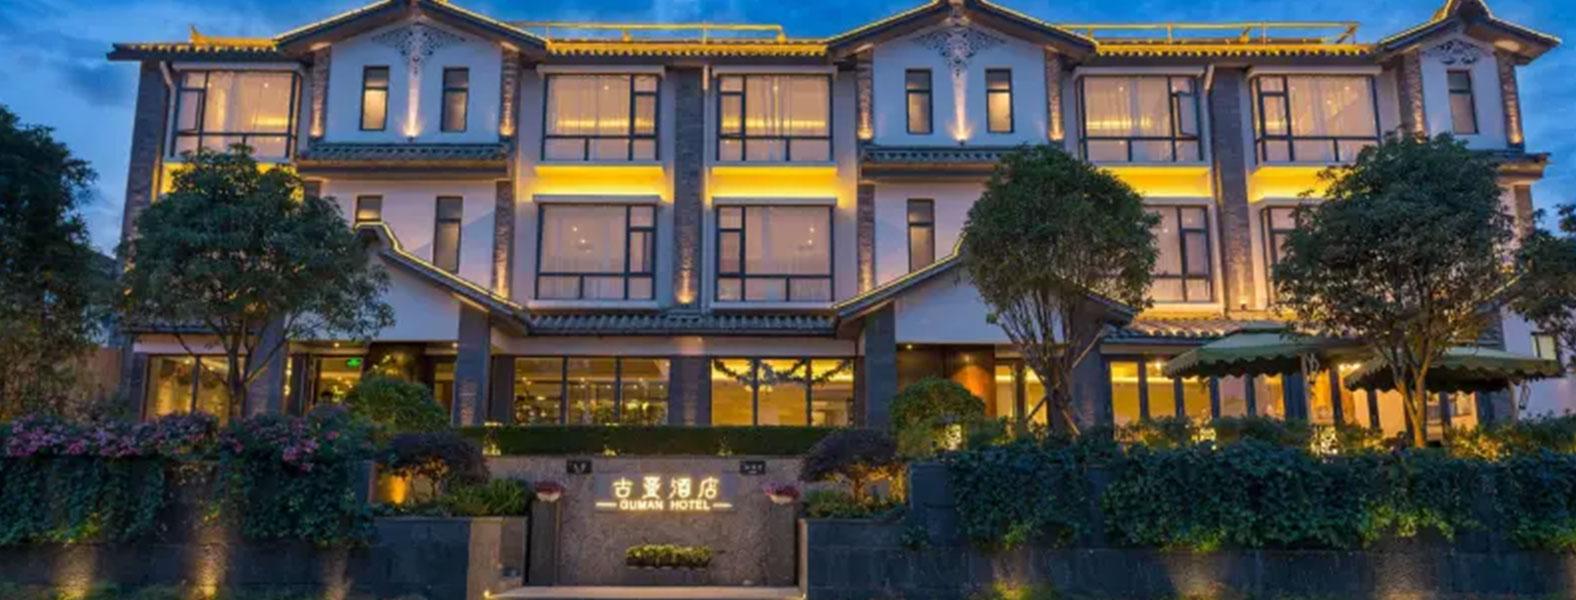 云南省大理古曼酒店